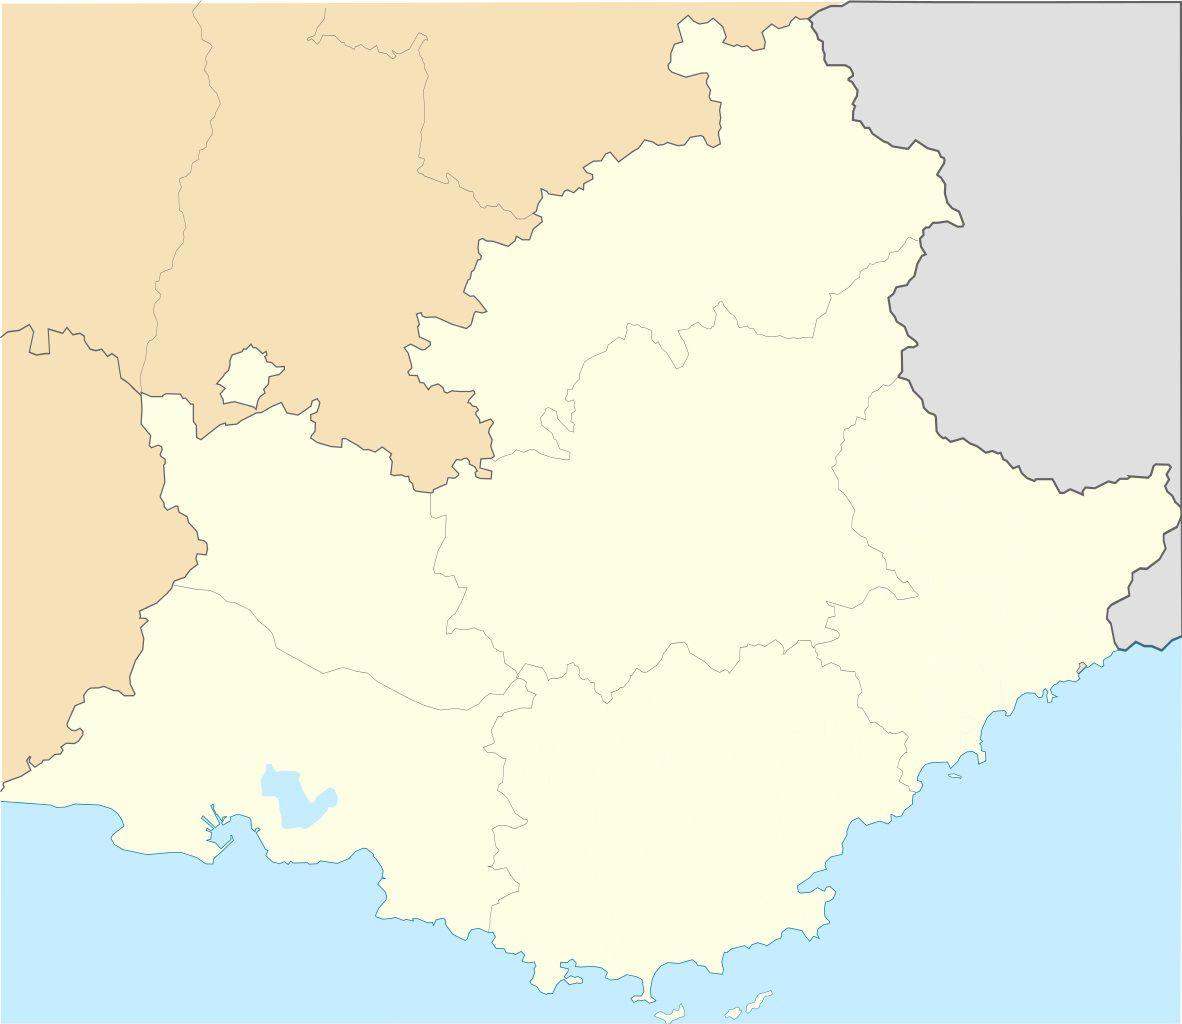 Carte vierge PACA (Provence Alpes Côte d'Azur)